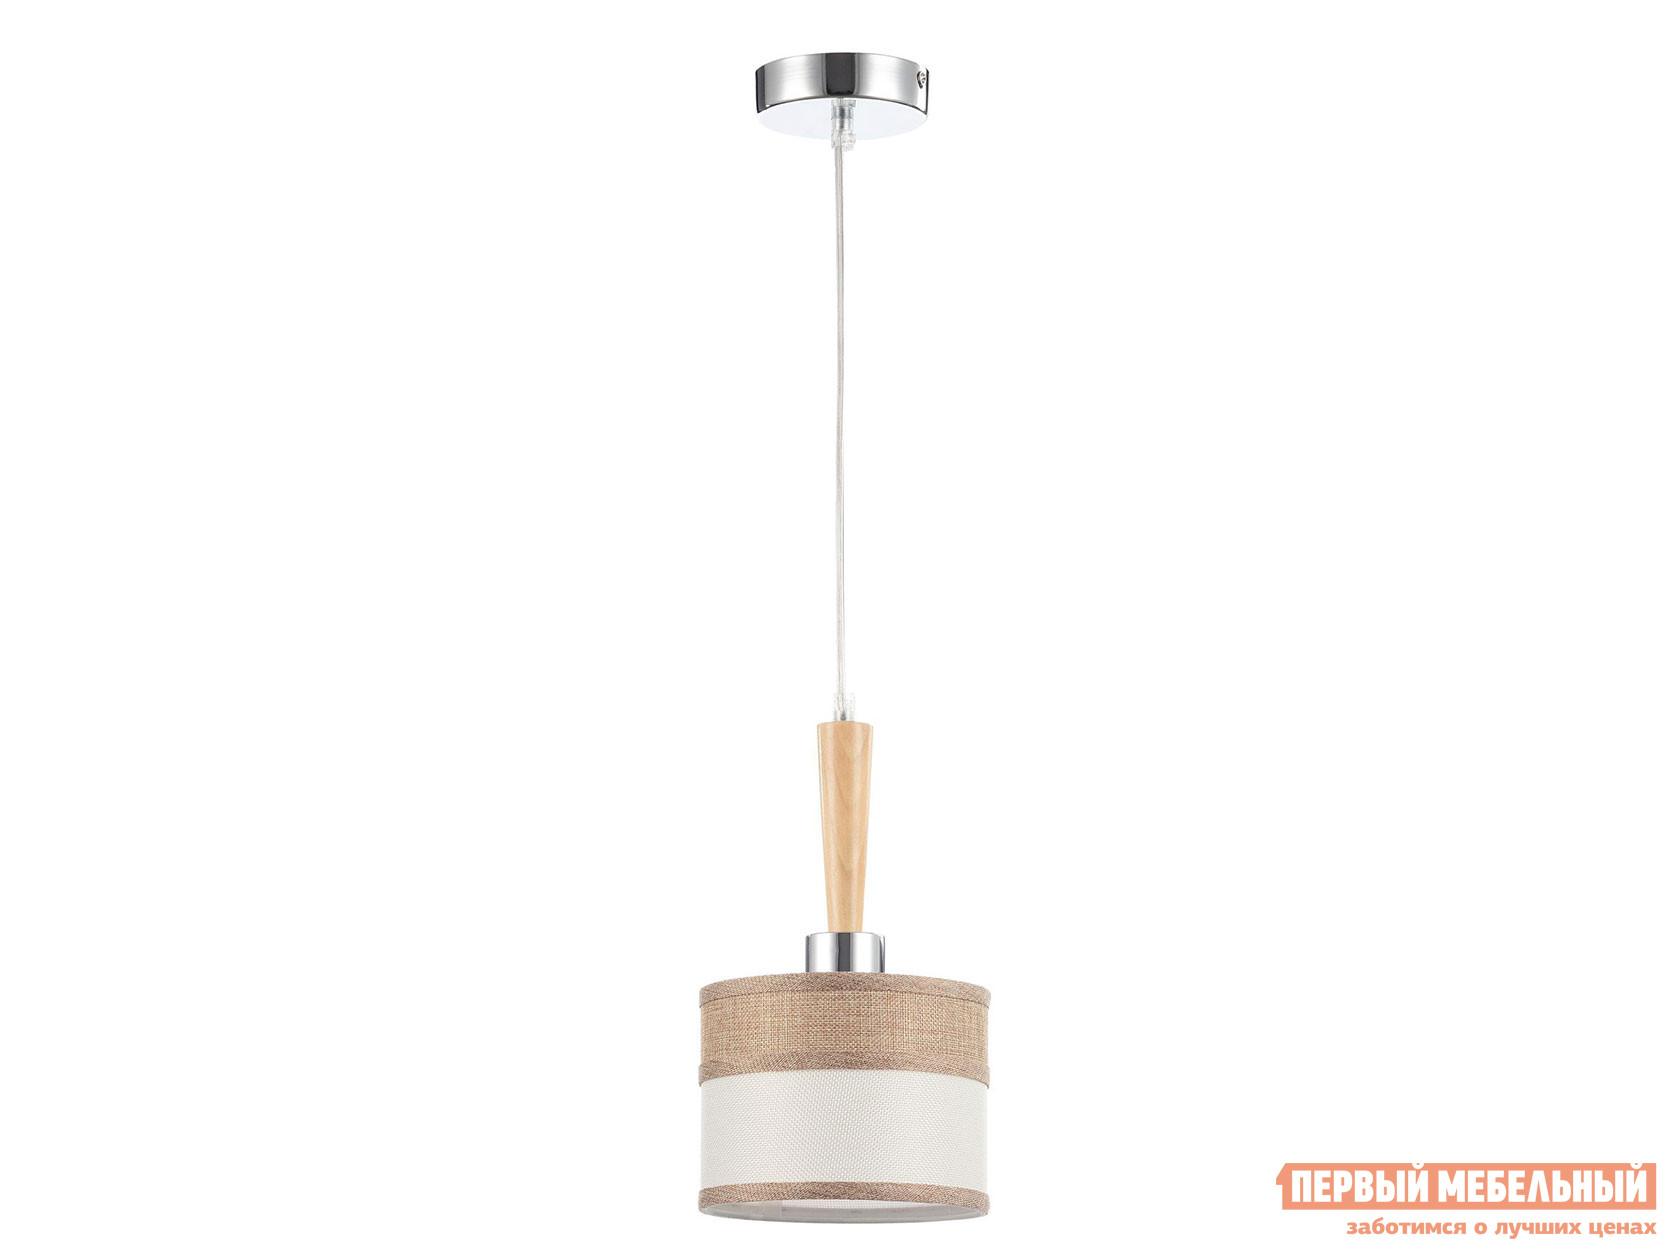 Подвесной светильник Факел Подвесной светильник Хэлен FR5329-PL-01-CH gramercy подвесной светильник randy chandelier